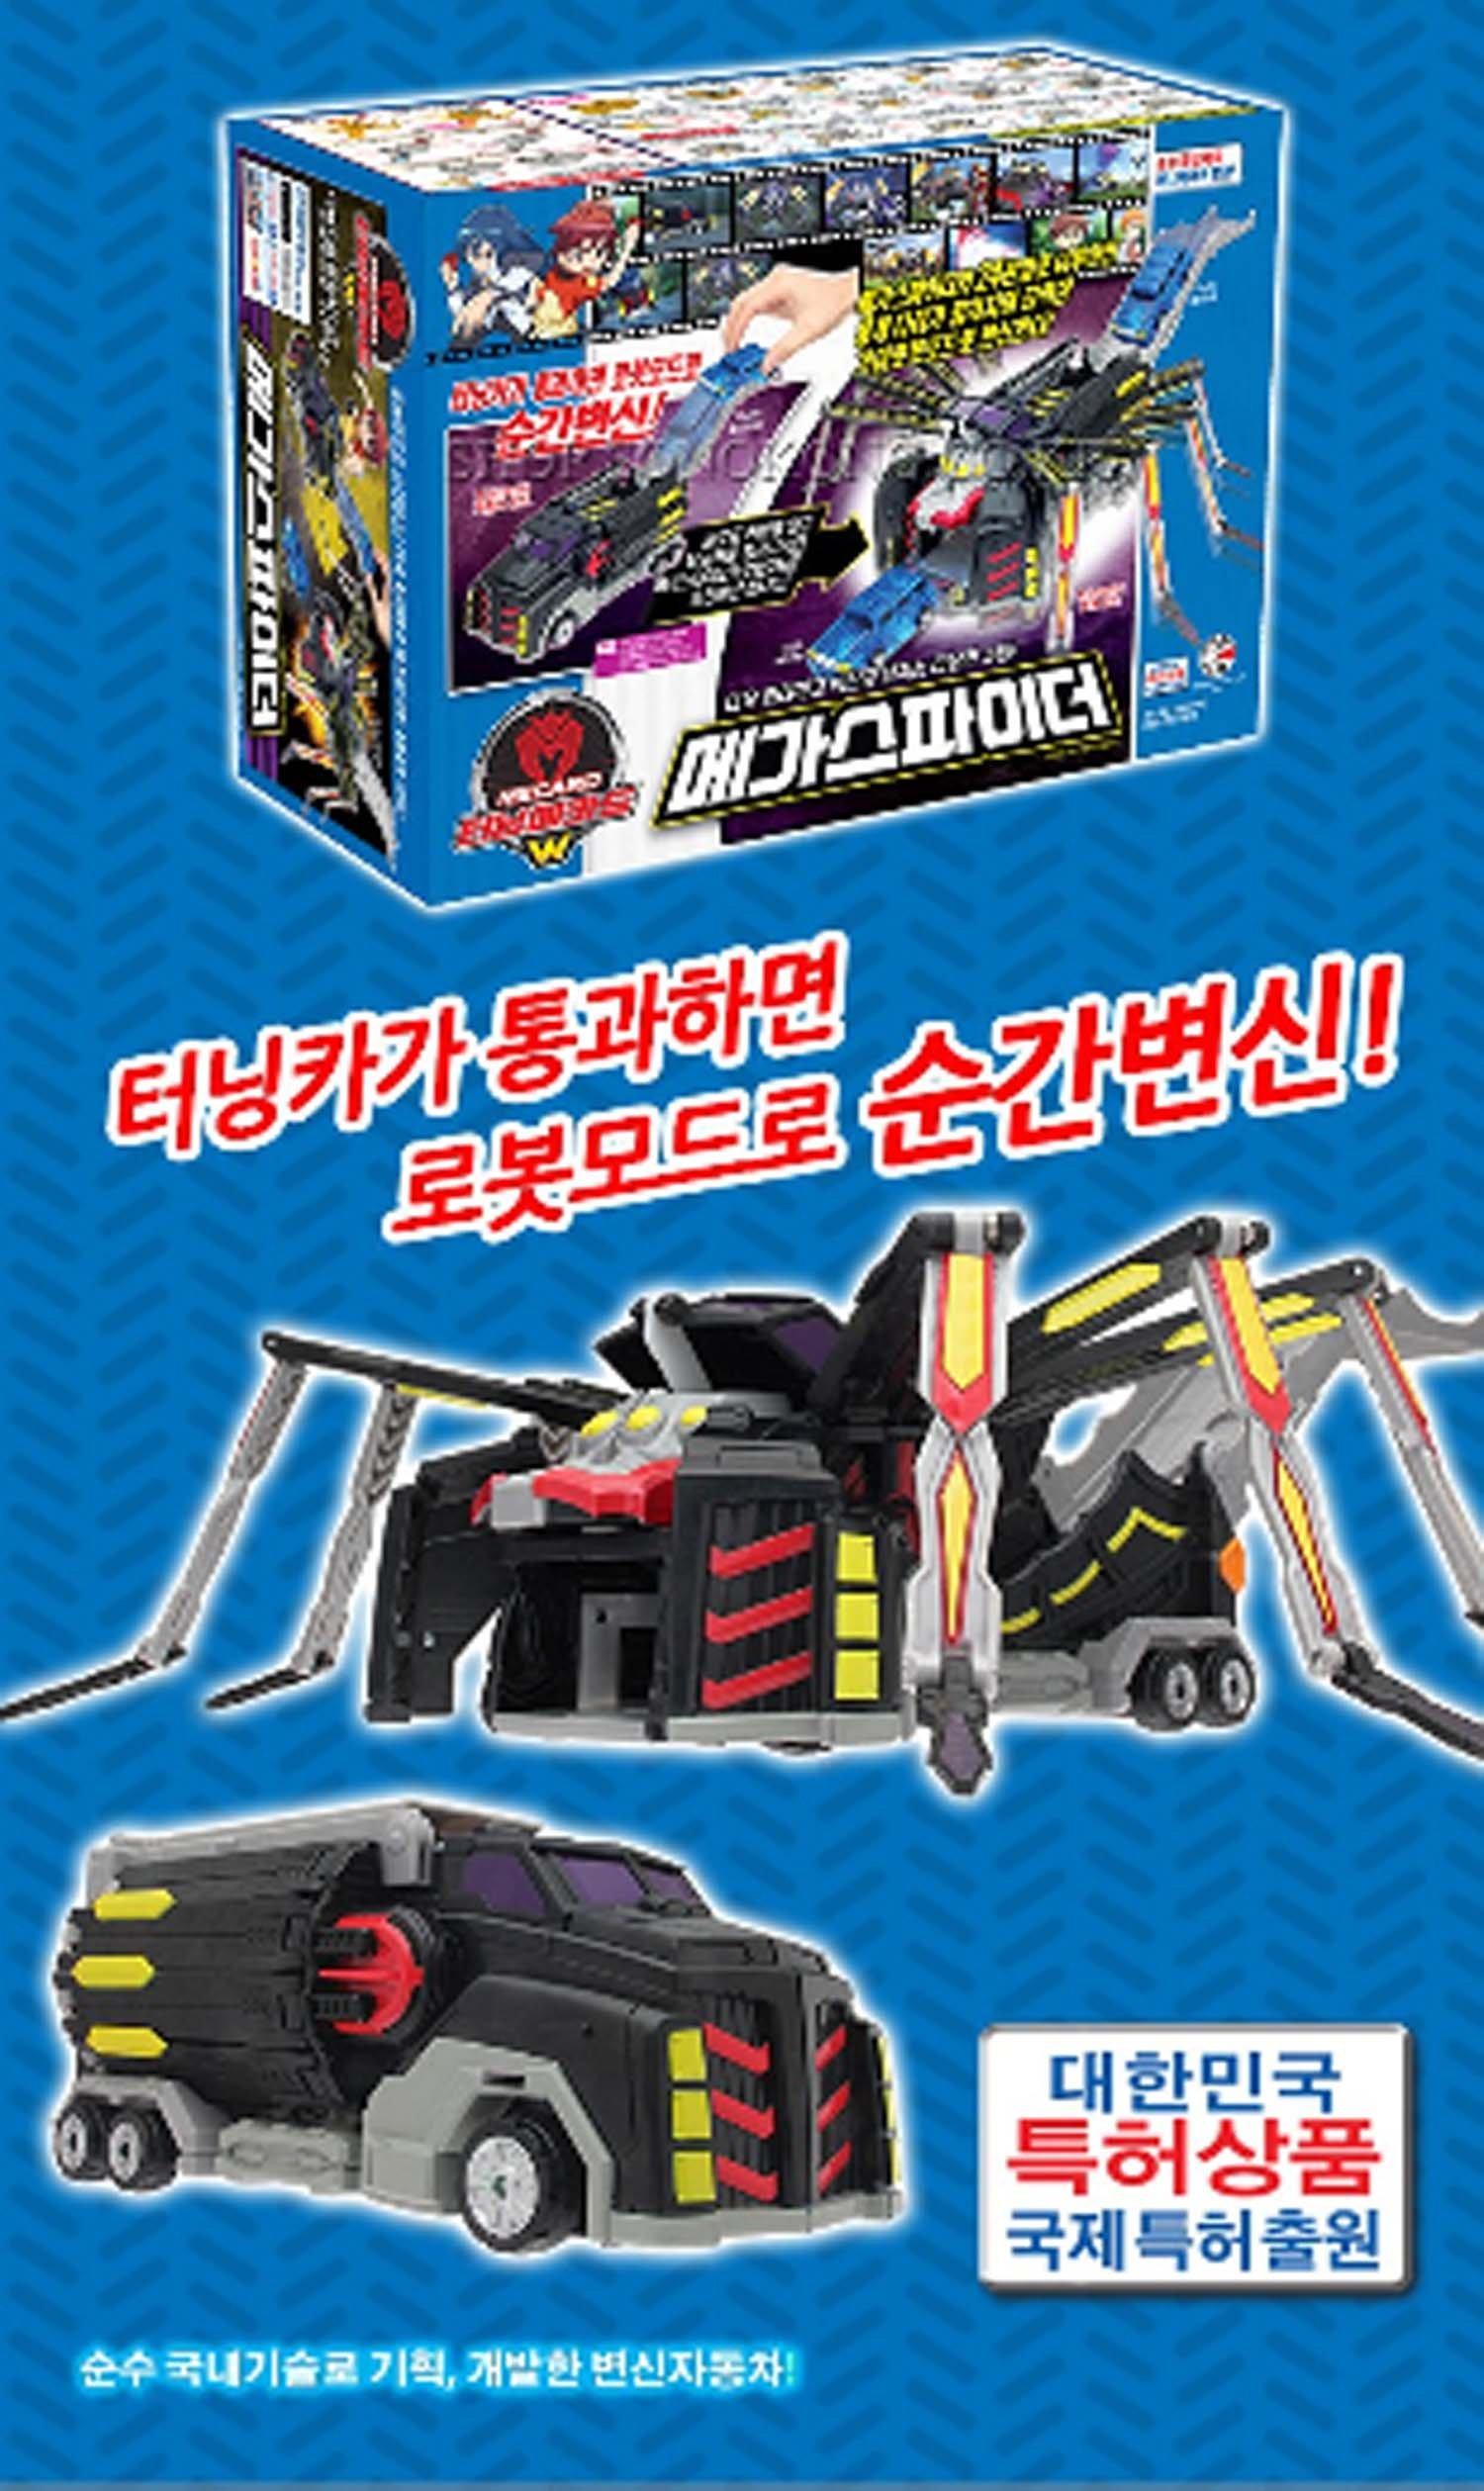 TURNING MECARD W TUSKO Blue Transformer Transforming CAR Robot Figure Korean Toy